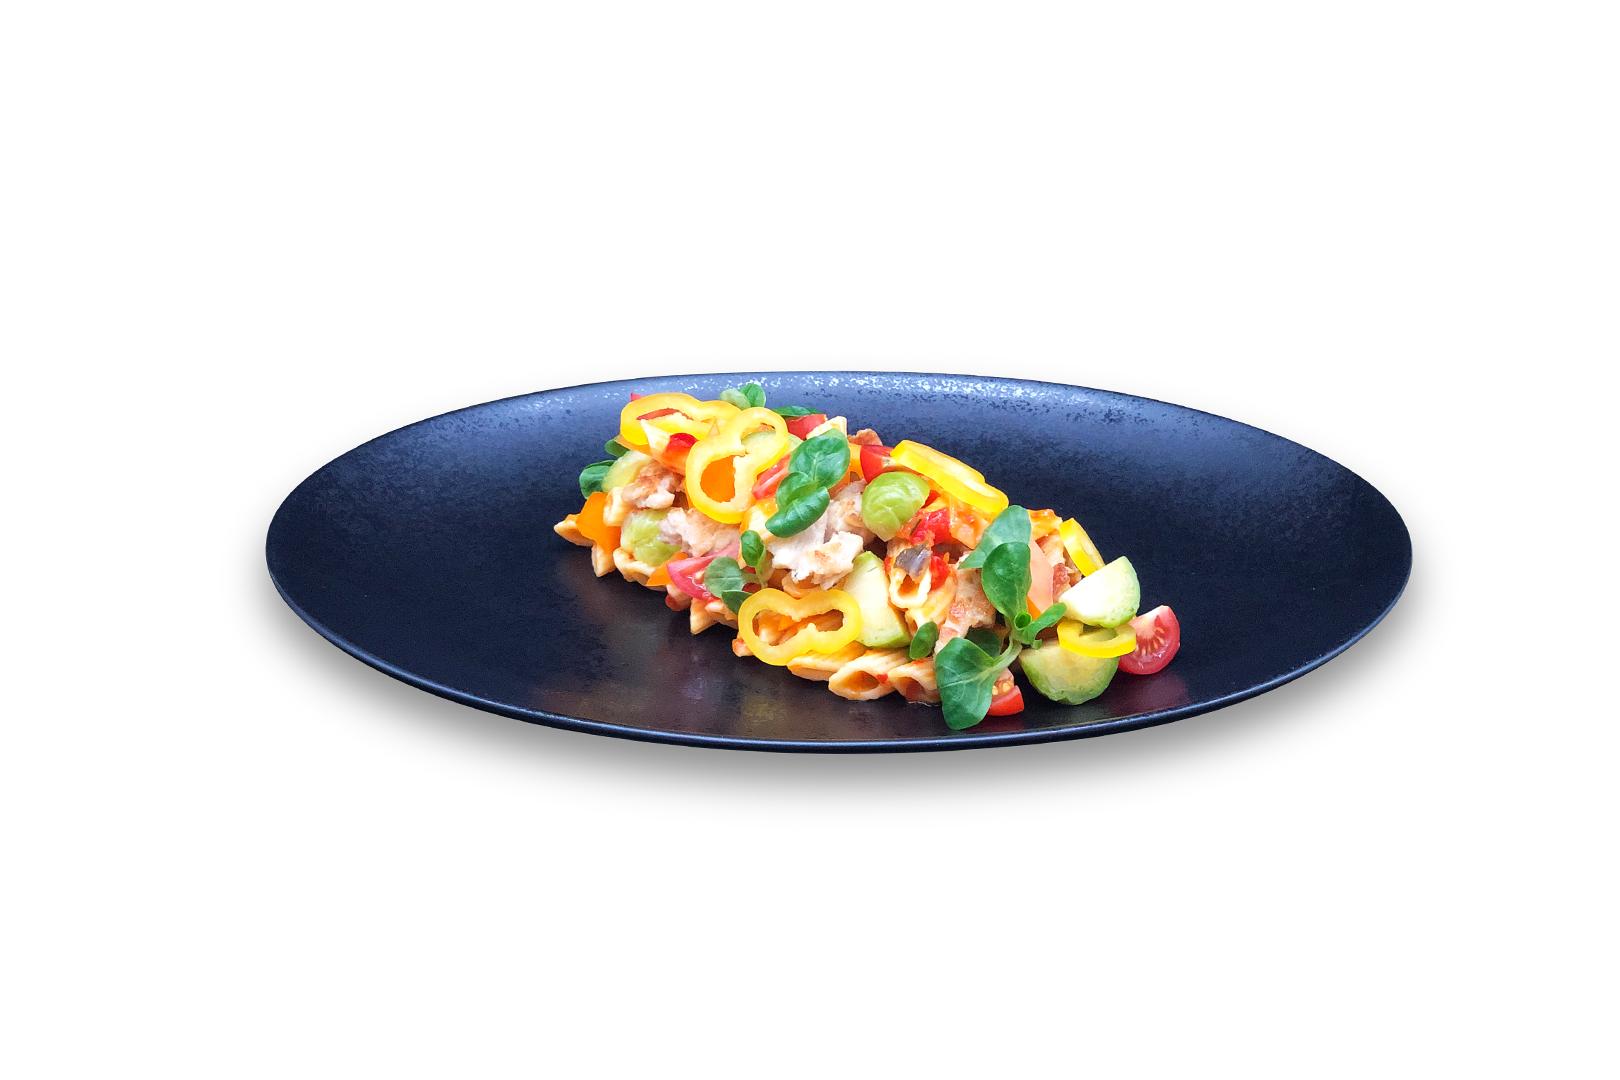 Mediterrane pastasalade met vegetarische kipreepjes, geblancheerde spruitjes, trostomaatjes en snack paprikaatjes